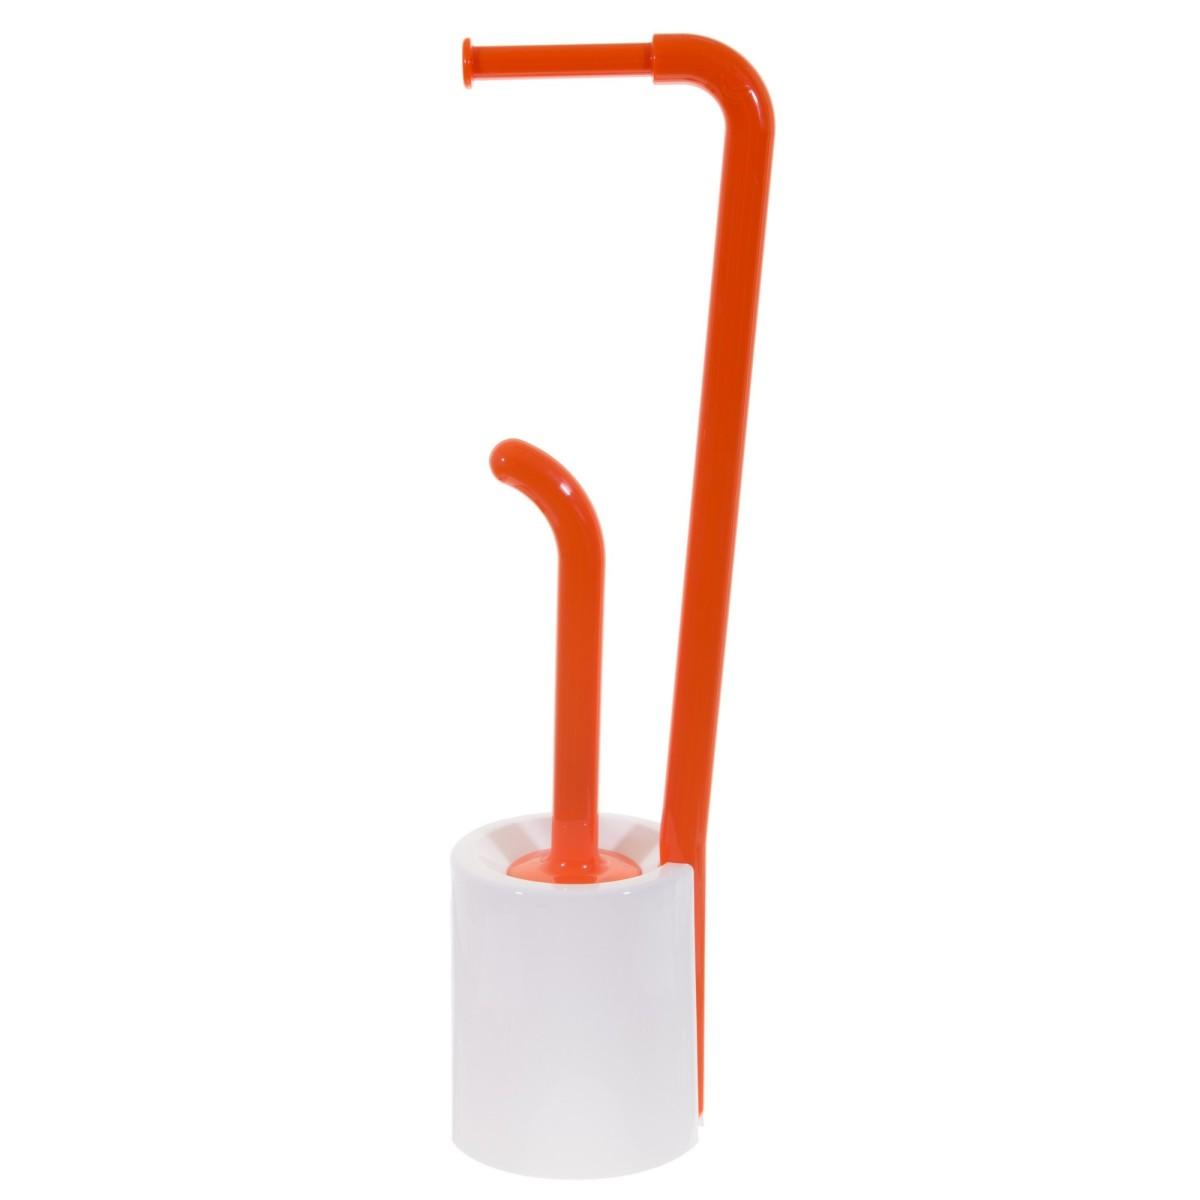 Стойка для ванной комнаты напольная цвет оранжевый